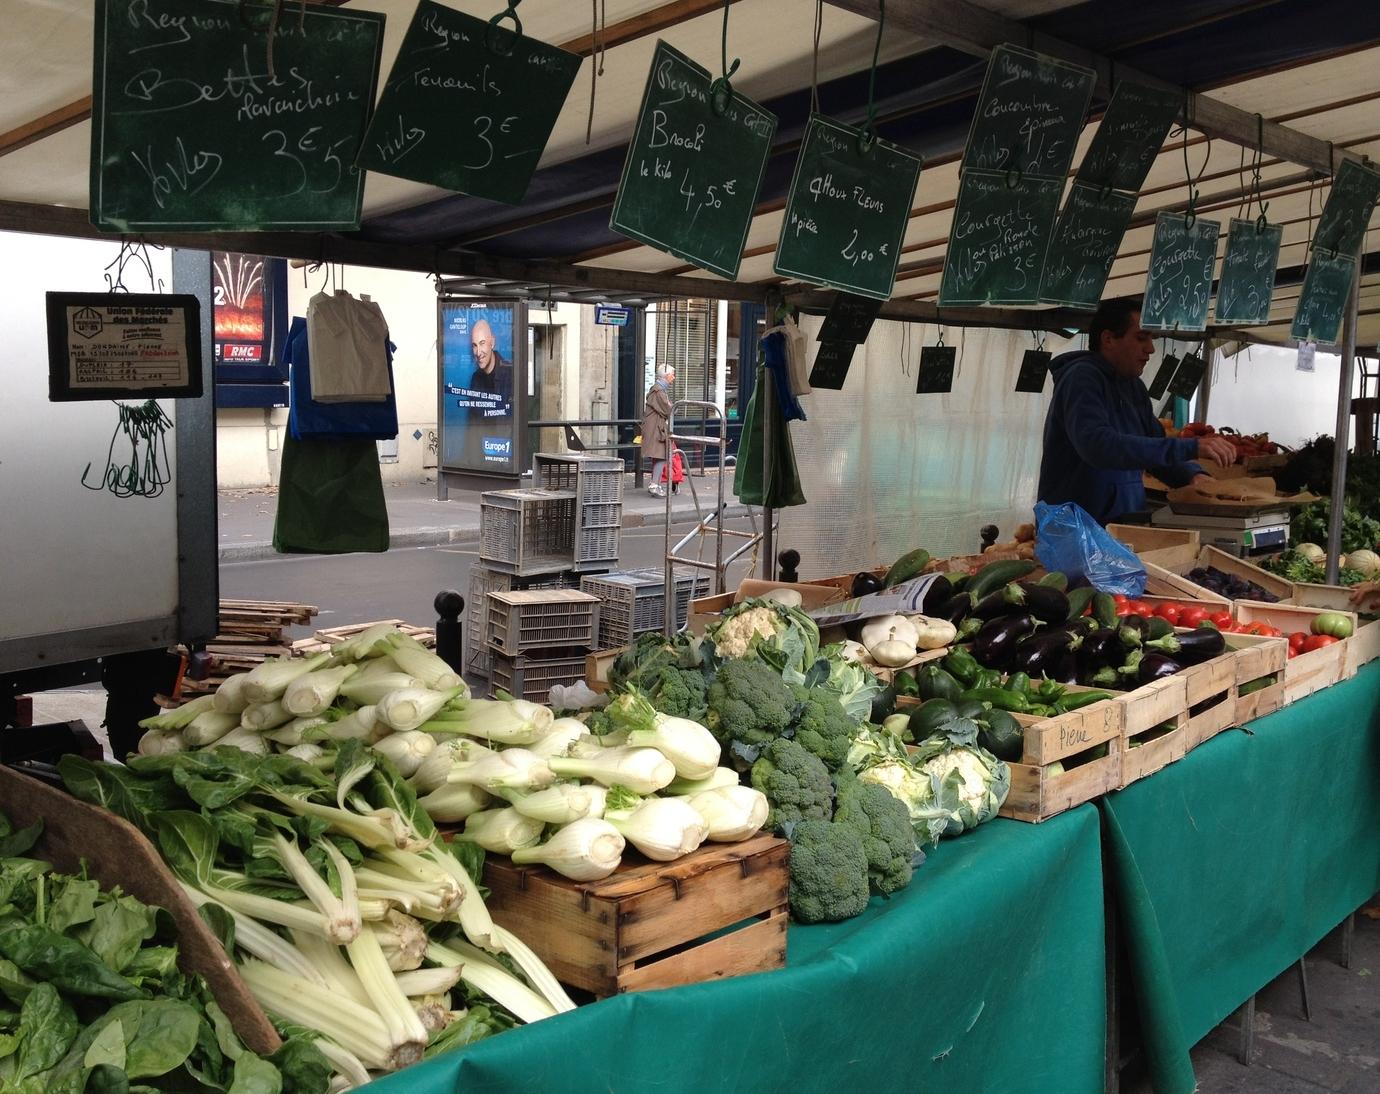 Veggies at the market in Paris